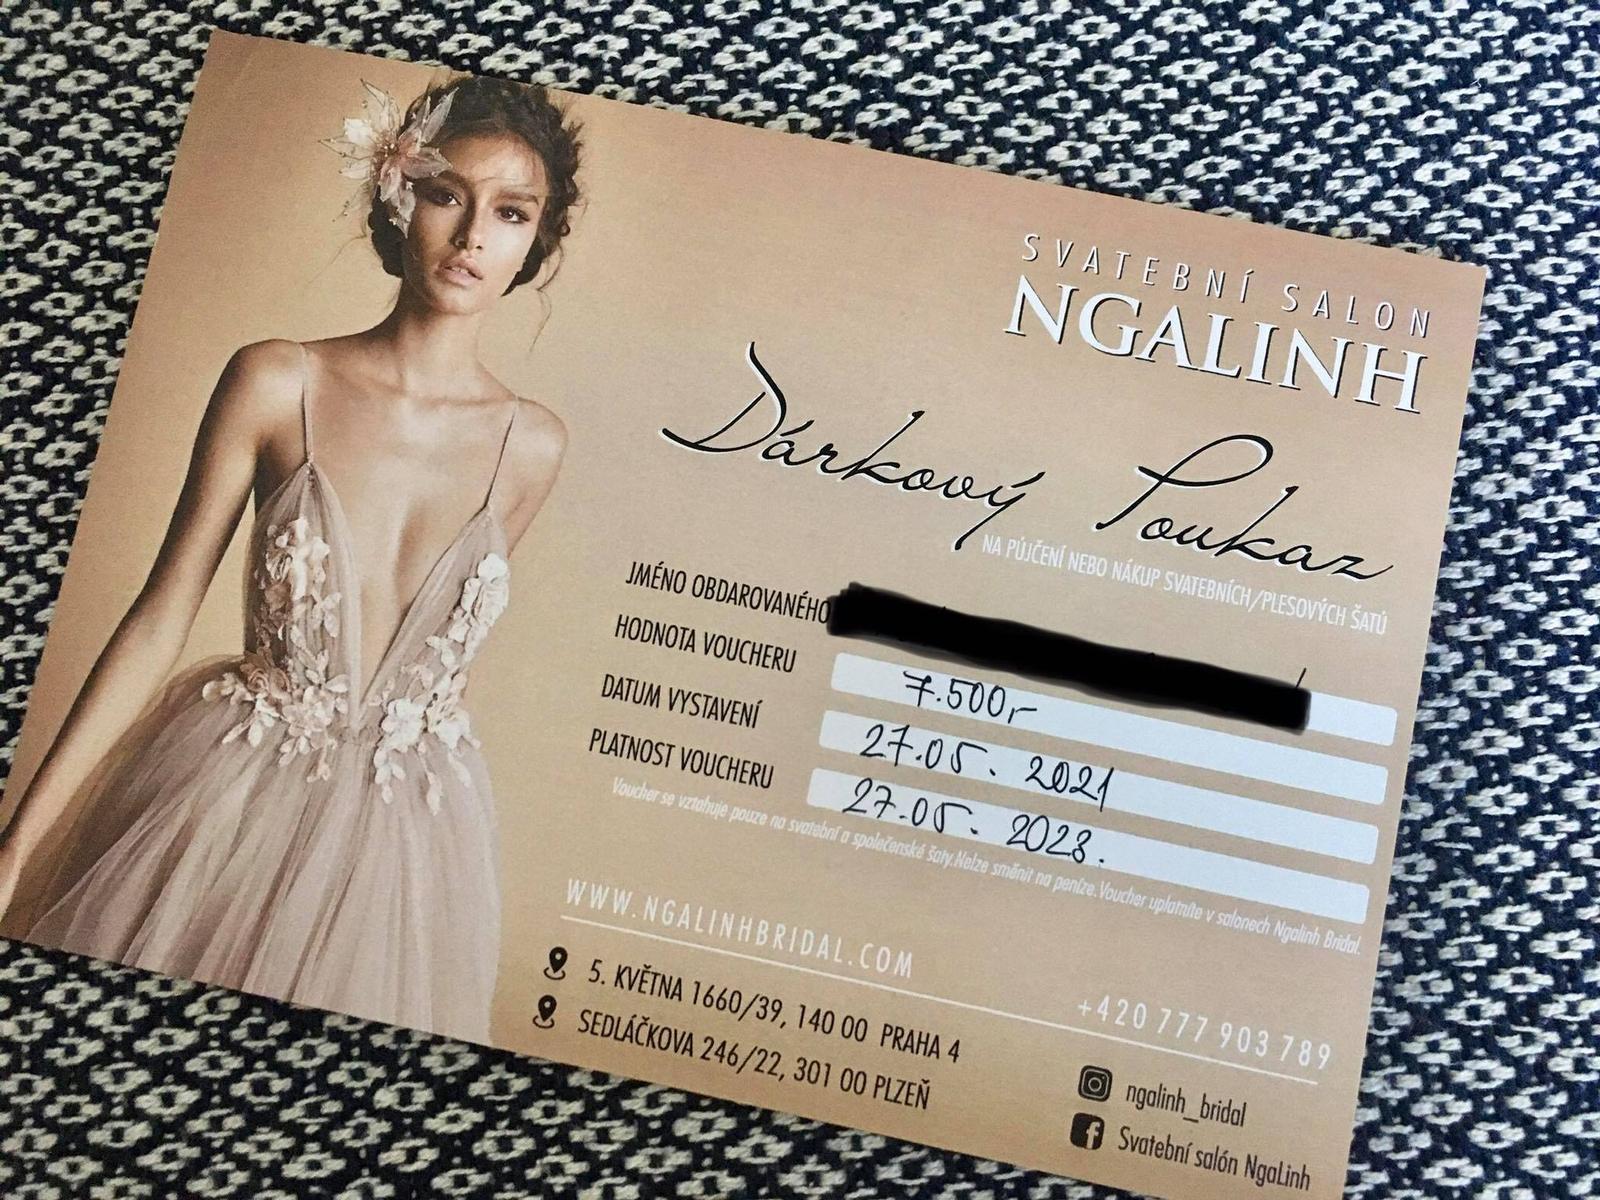 Voucher na šaty ze svatebního salonu Ngalinh - Obrázek č. 1